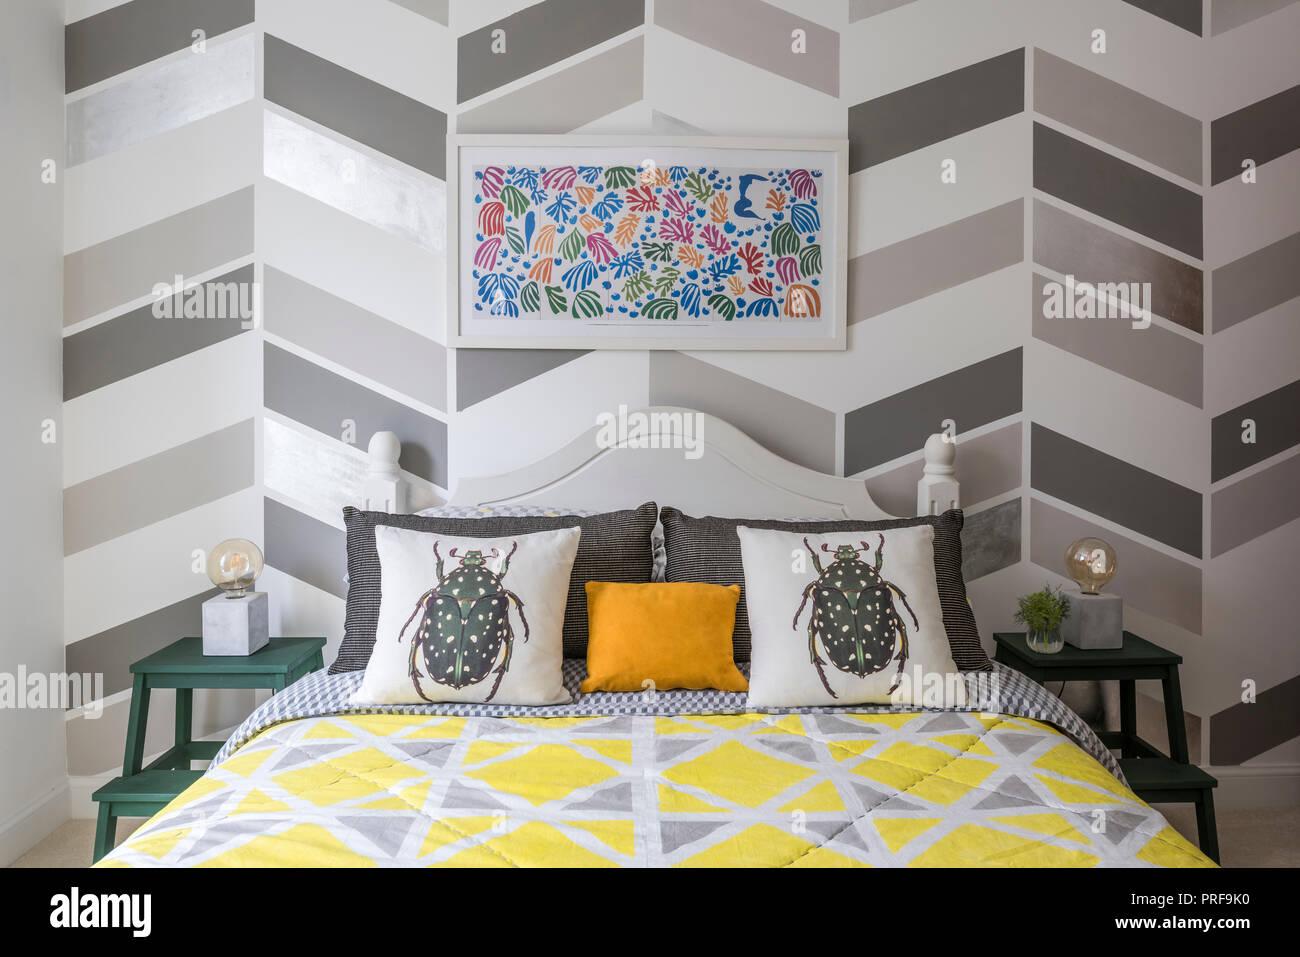 Surtido de patrones geométricos en dormitorio con cojines de escarabajos Imagen De Stock